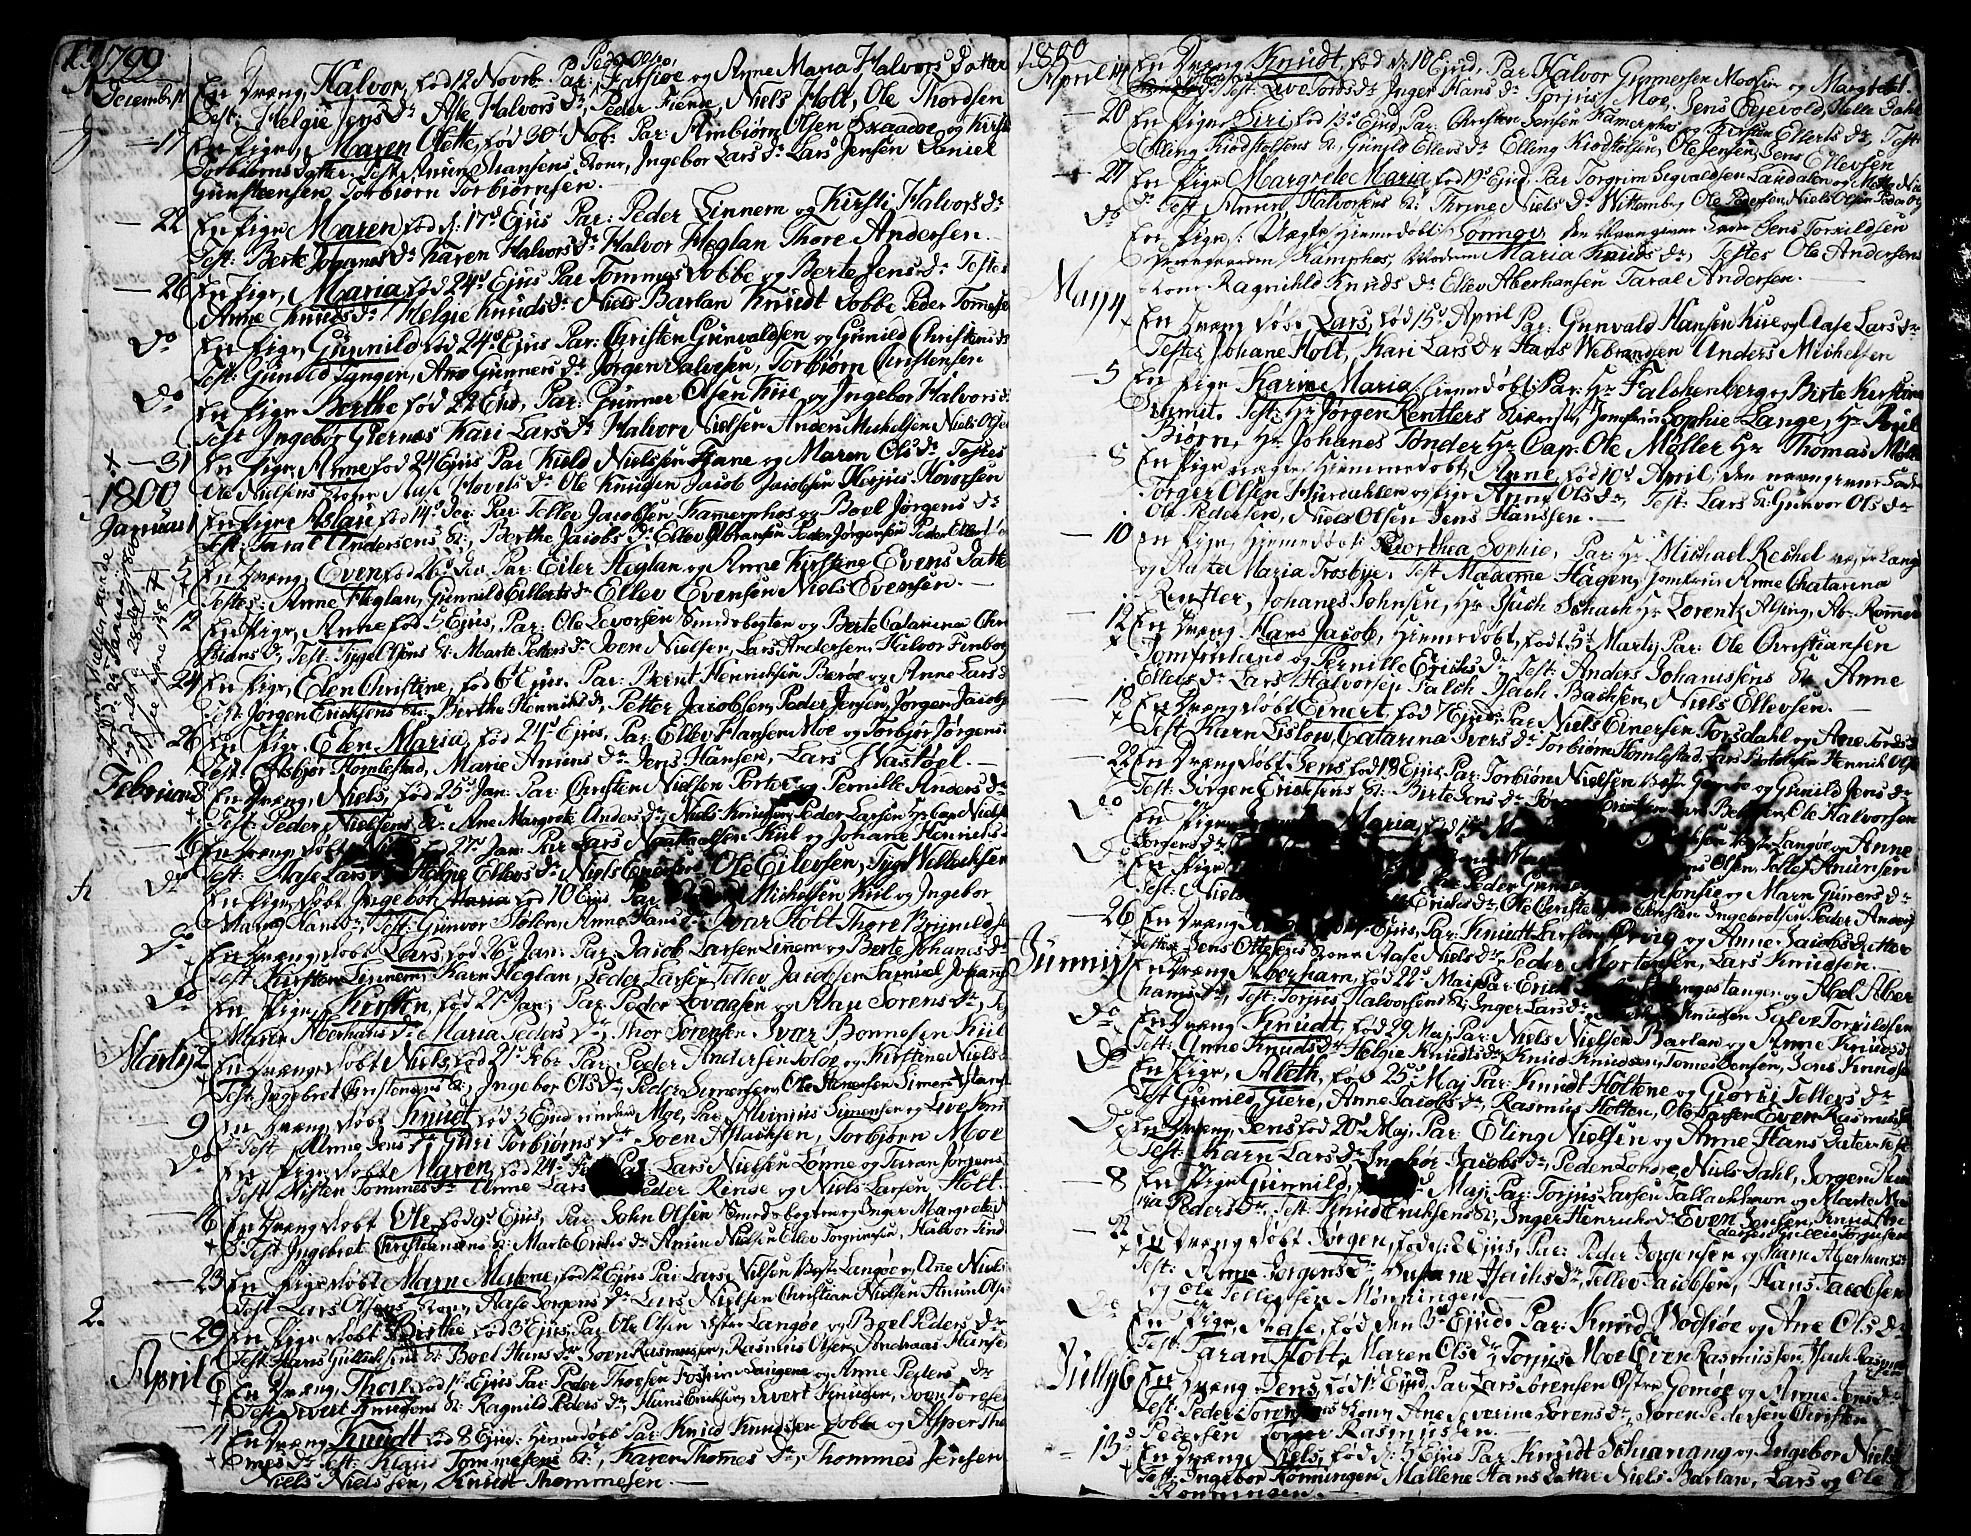 SAKO, Sannidal kirkebøker, F/Fa/L0002: Ministerialbok nr. 2, 1767-1802, s. 161